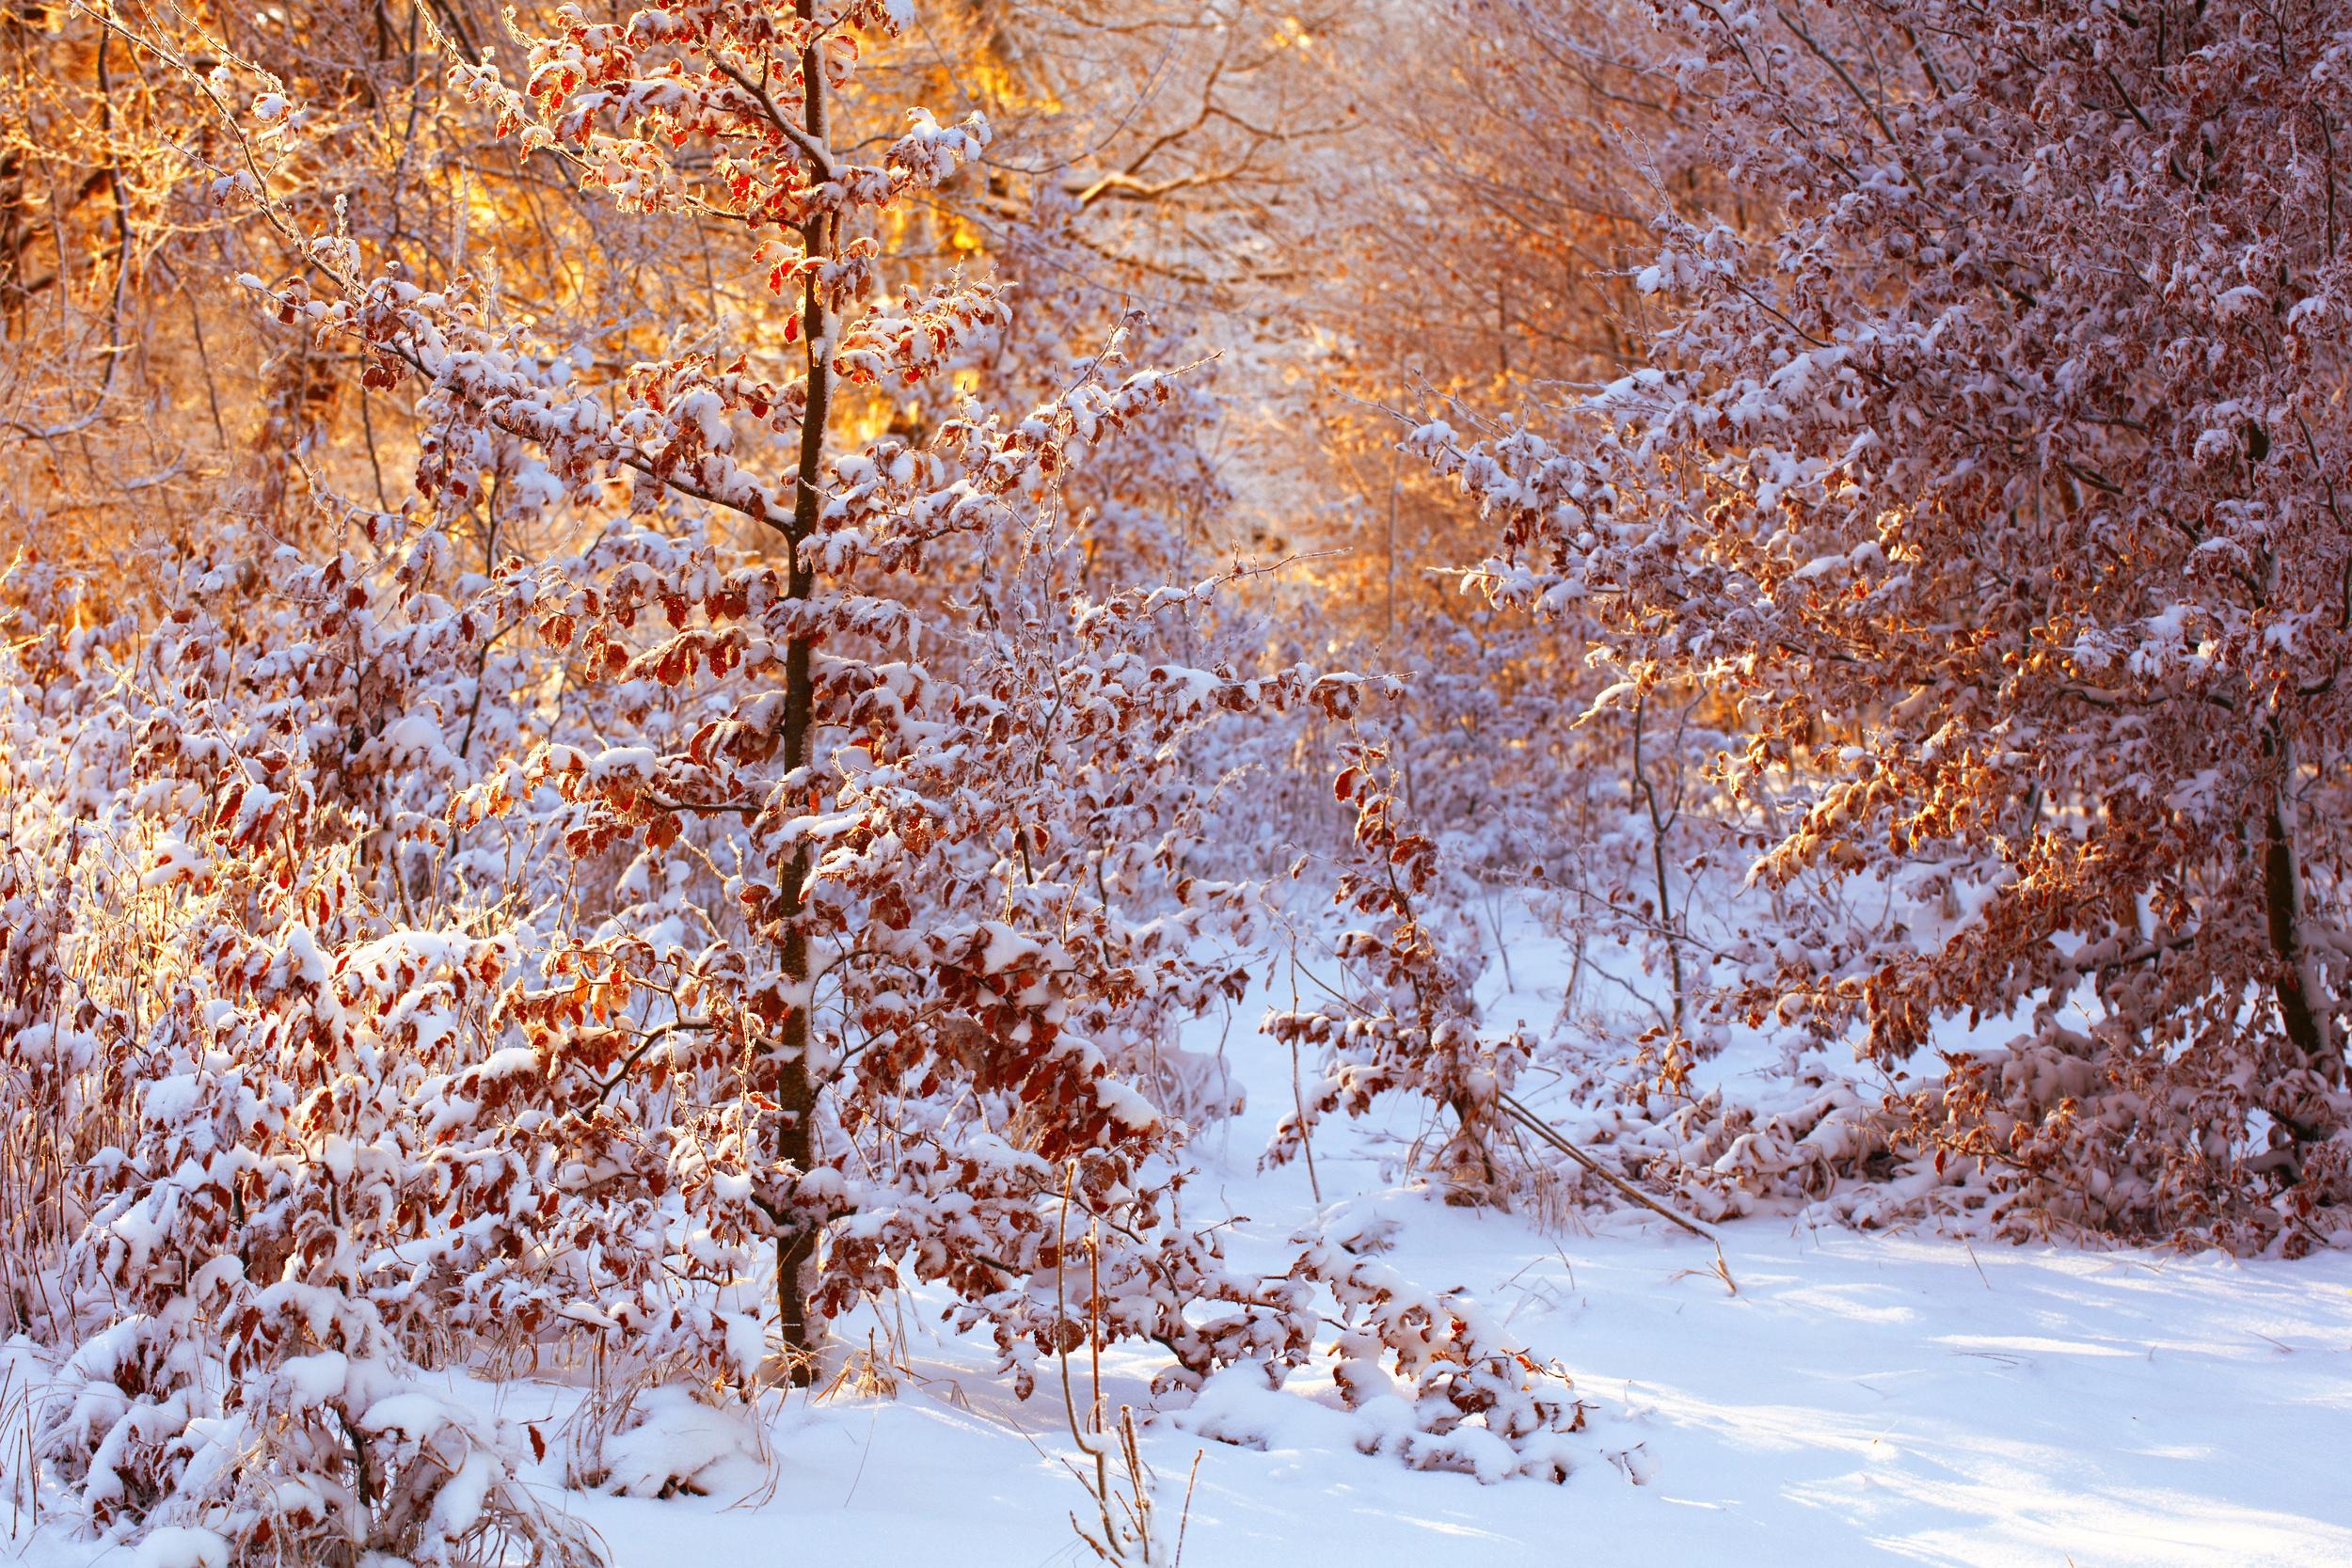 снег деревья желтые  № 442293 бесплатно